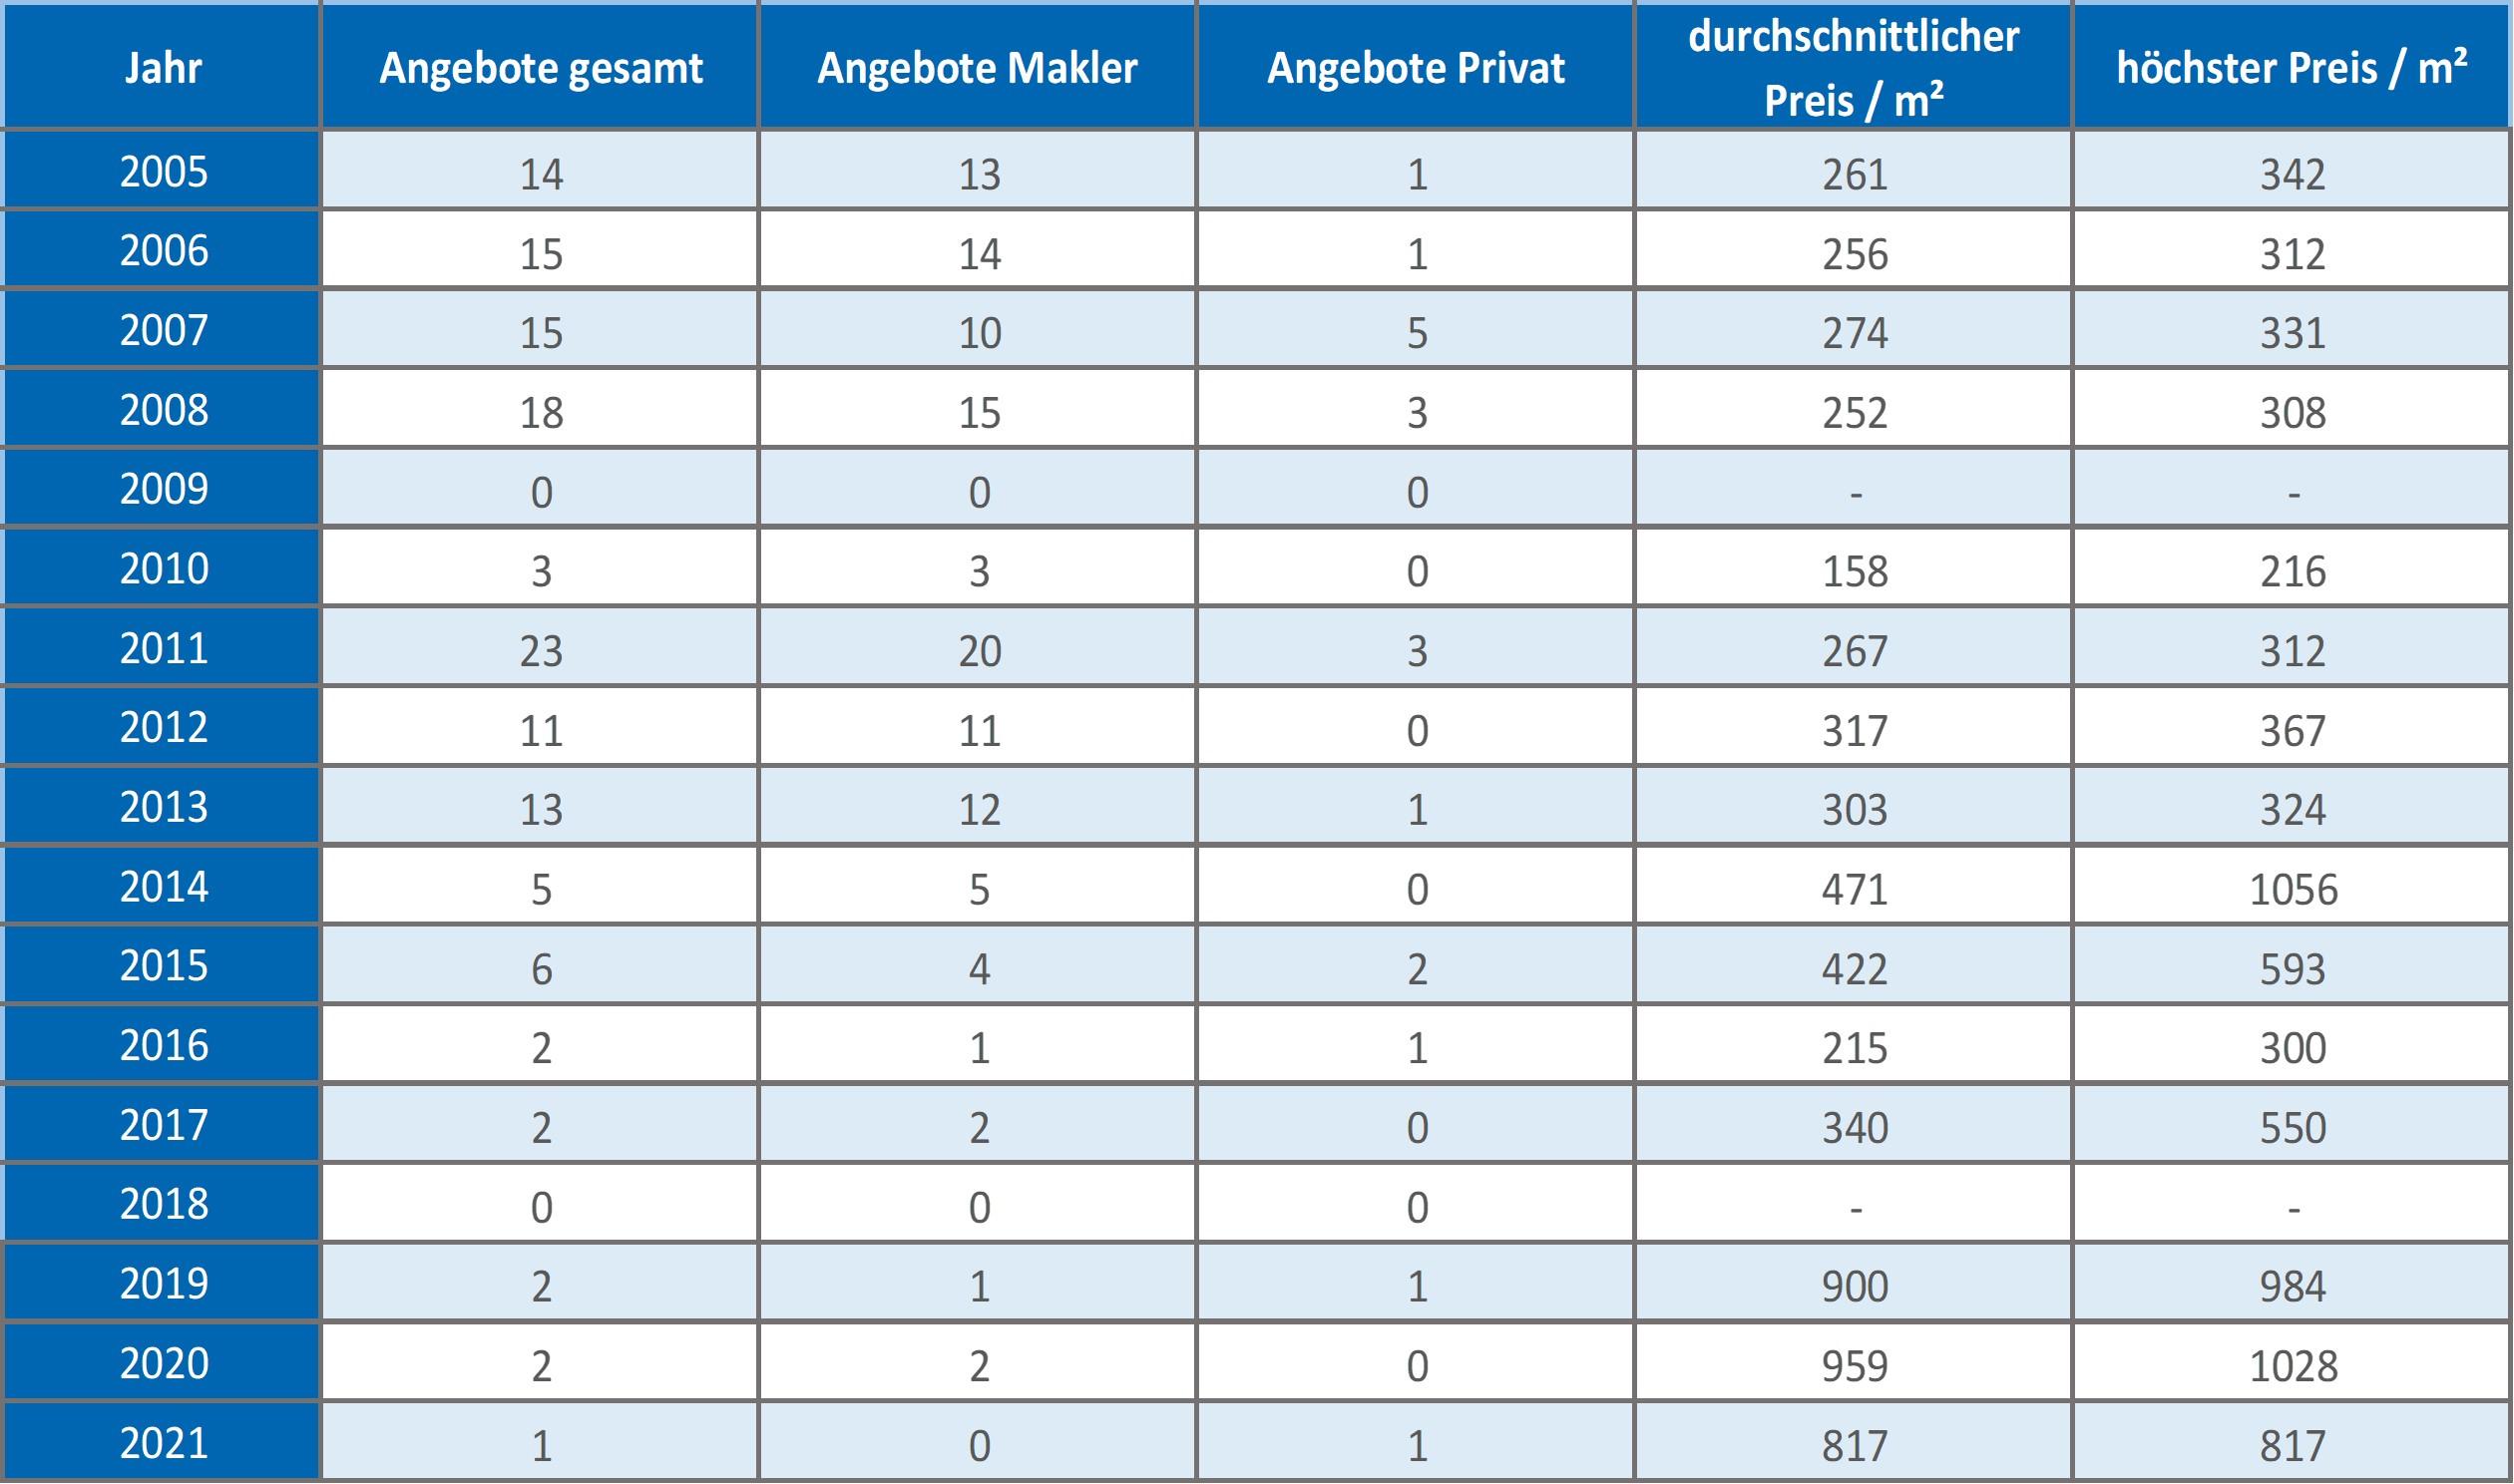 Aßling-Grundstück-kaufen-verkaufen-Makler 2019, 2020, 2021